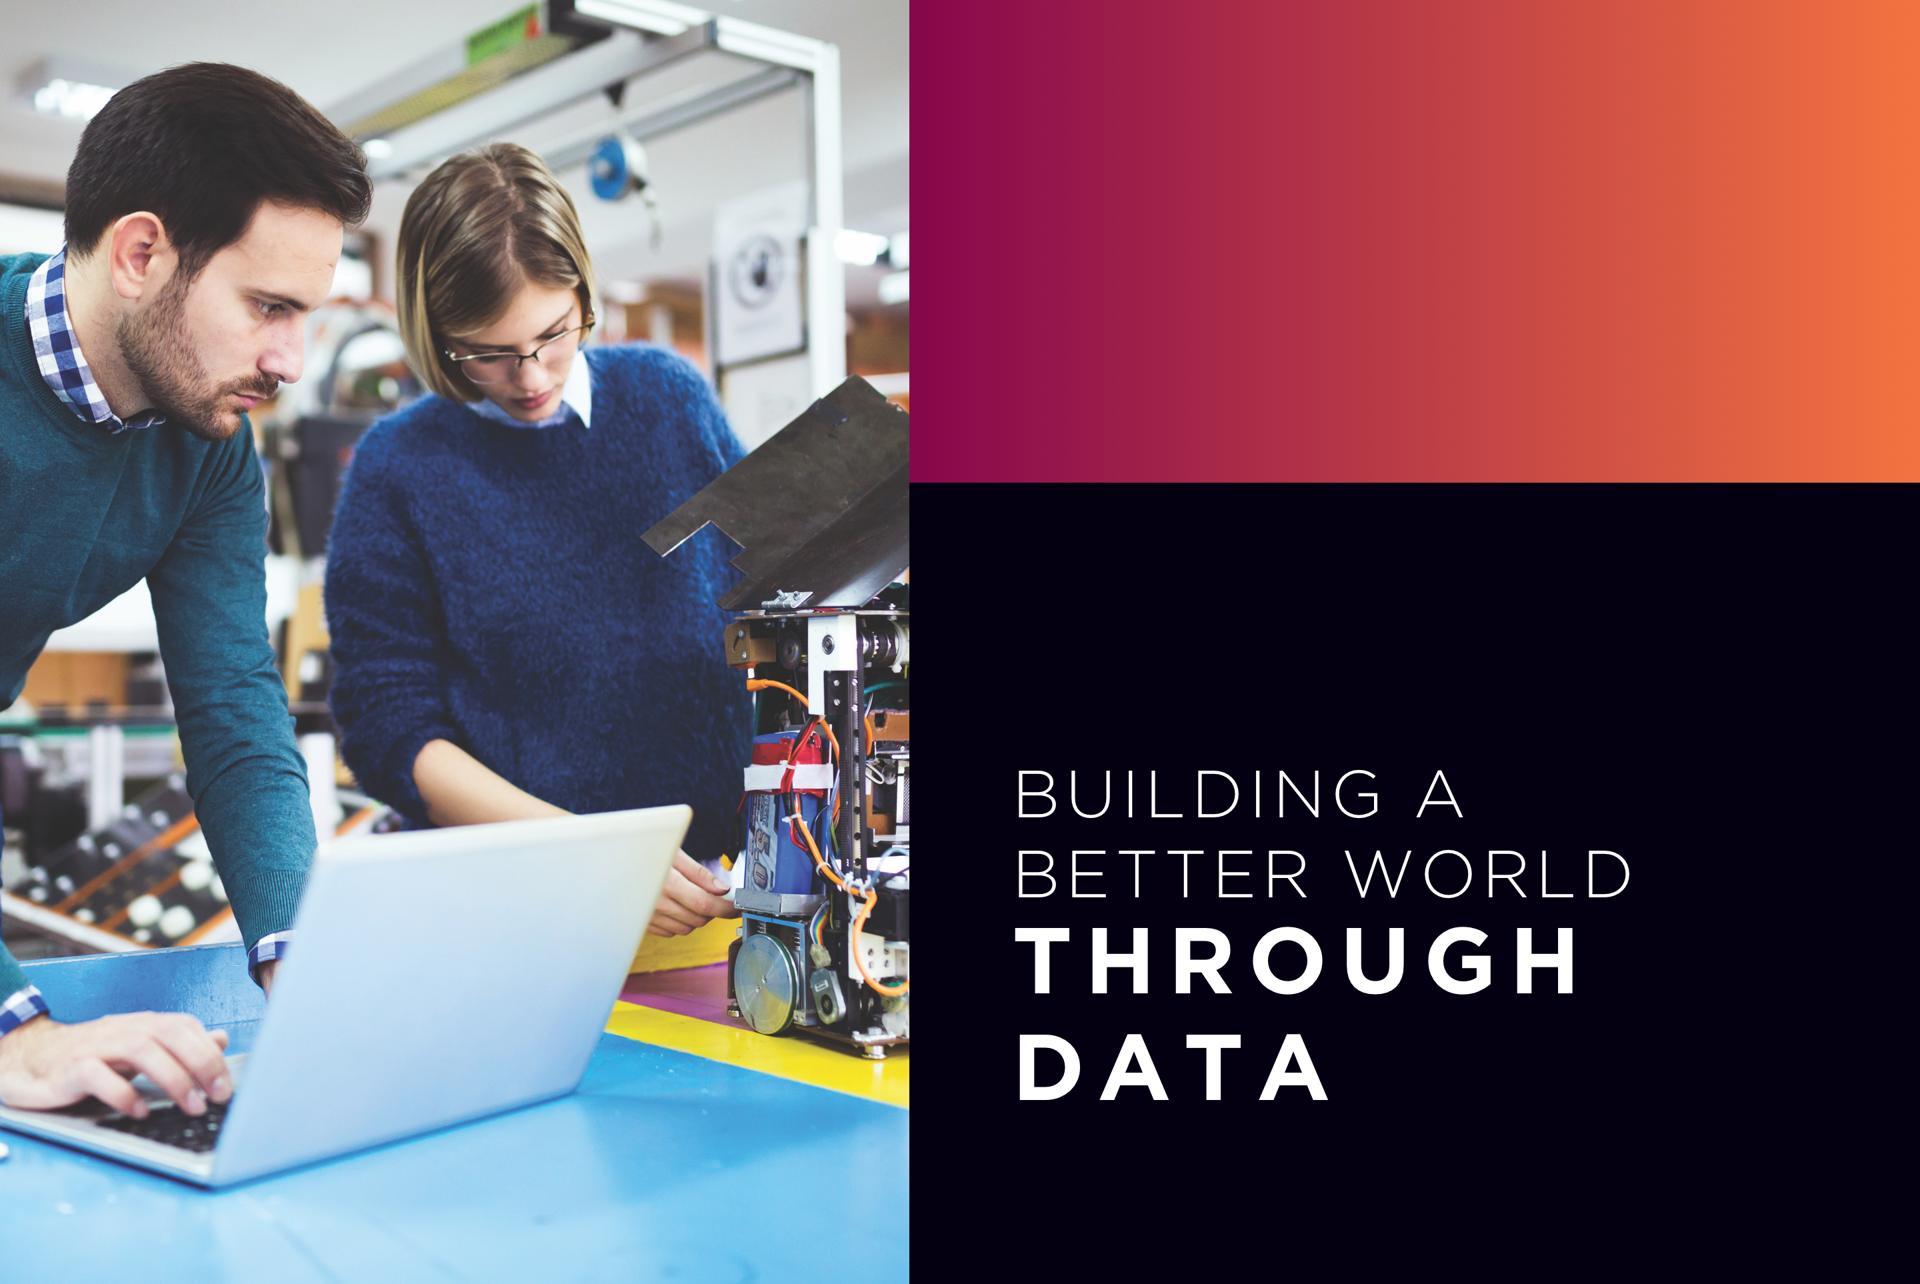 Building a Better World through Data